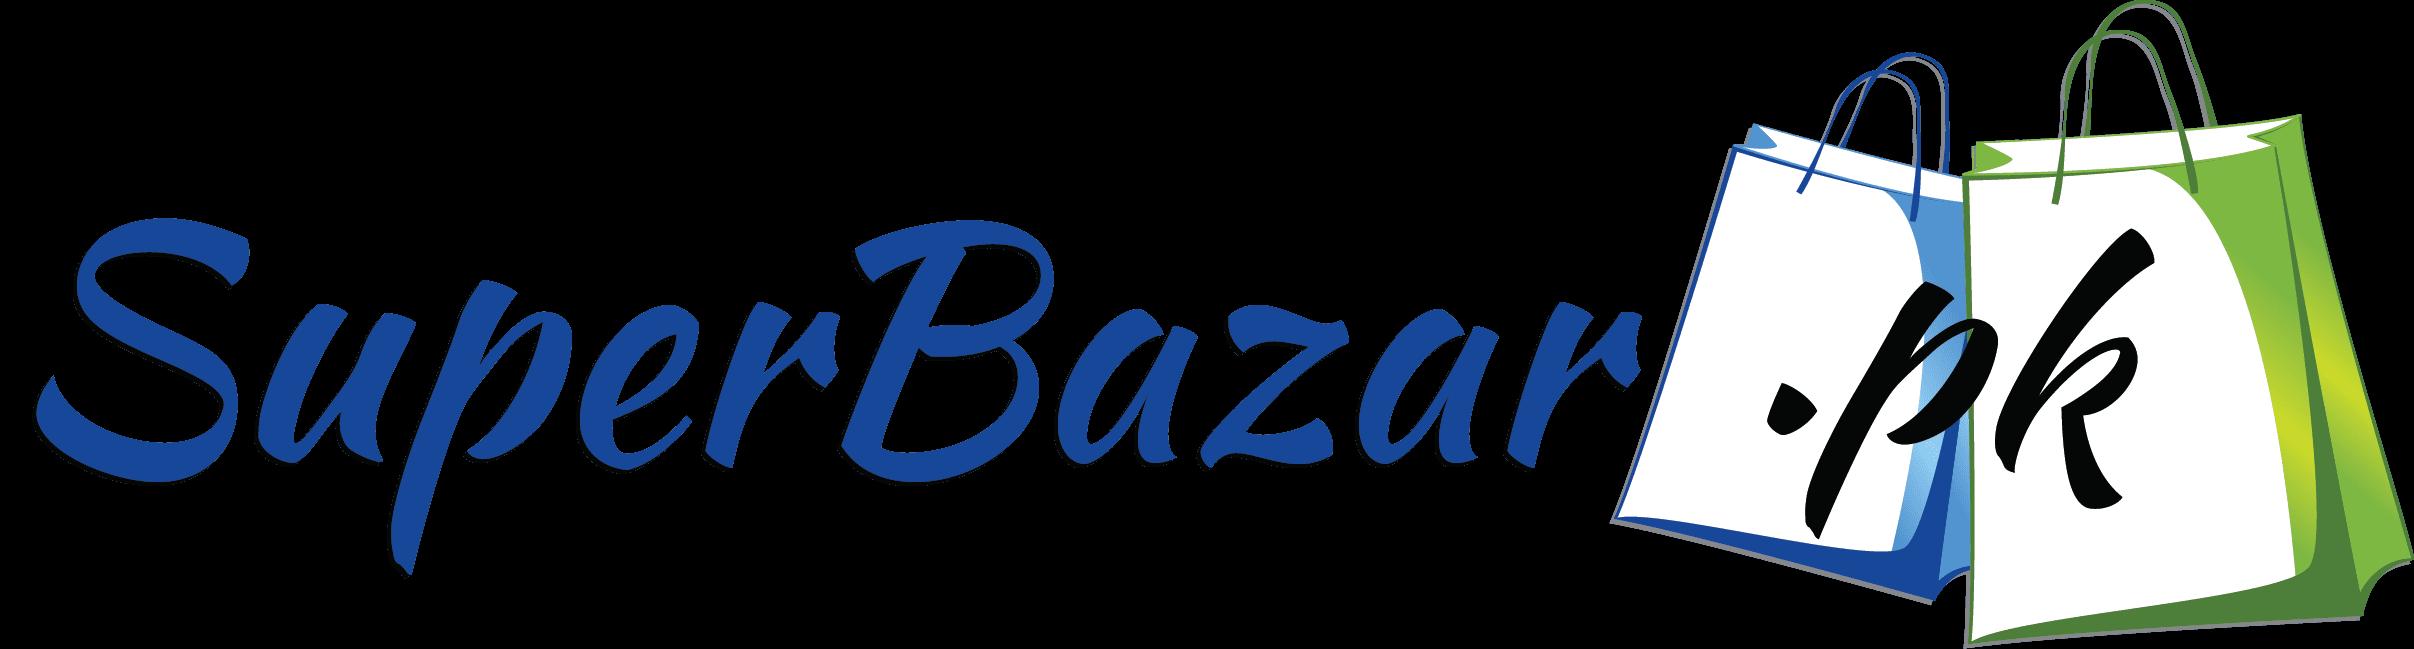 Super Bazar Shopping